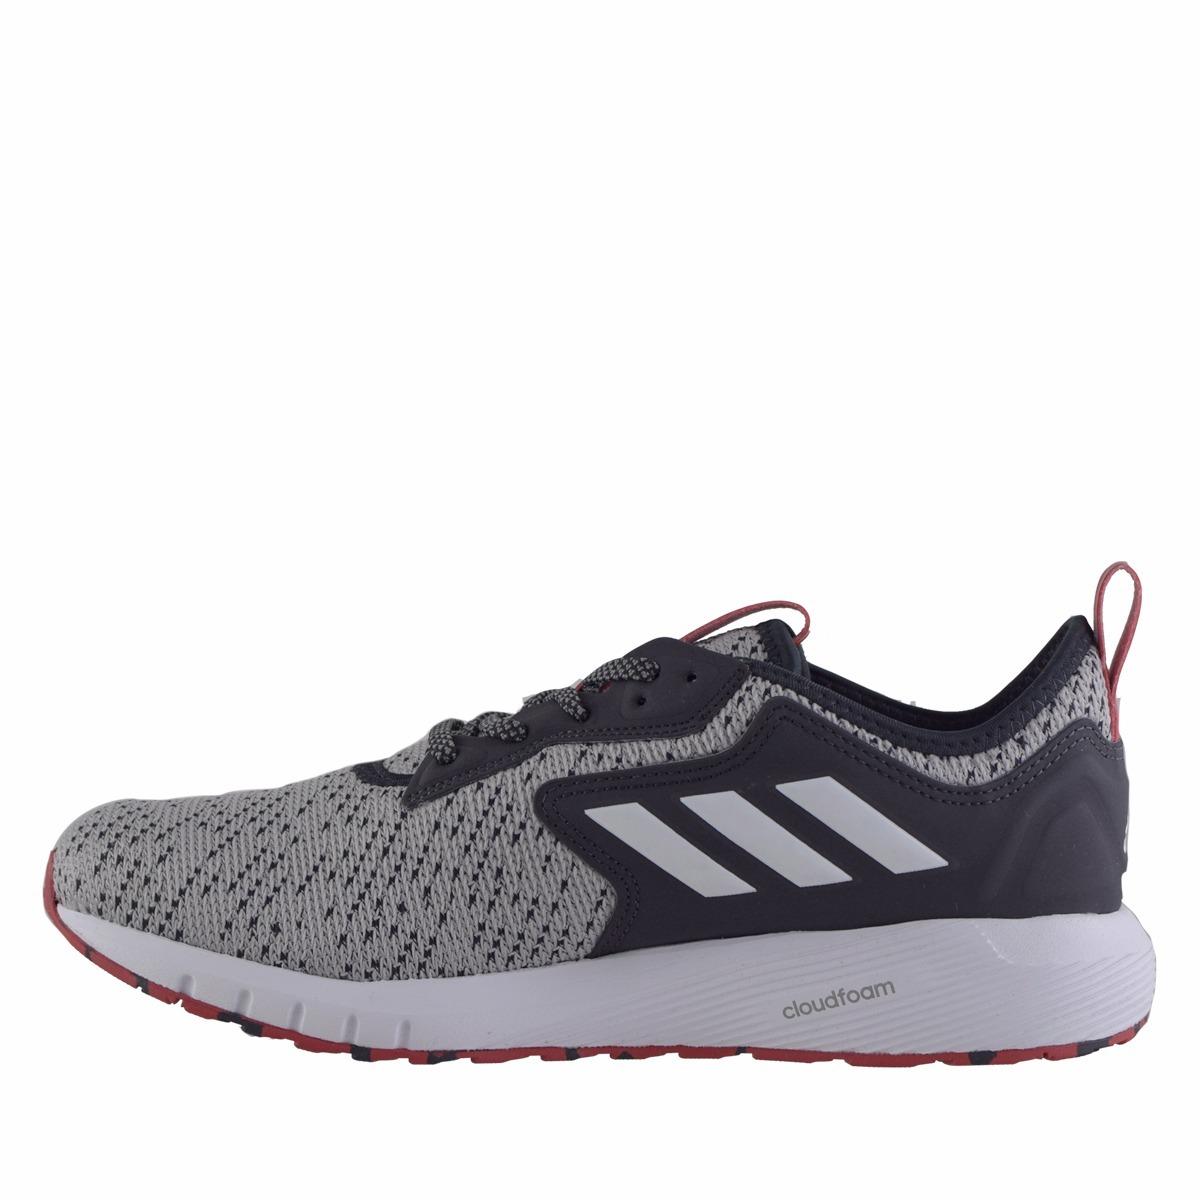 on sale 2e90a fa838 zapatillas adidas hombre. Cargando zoom.